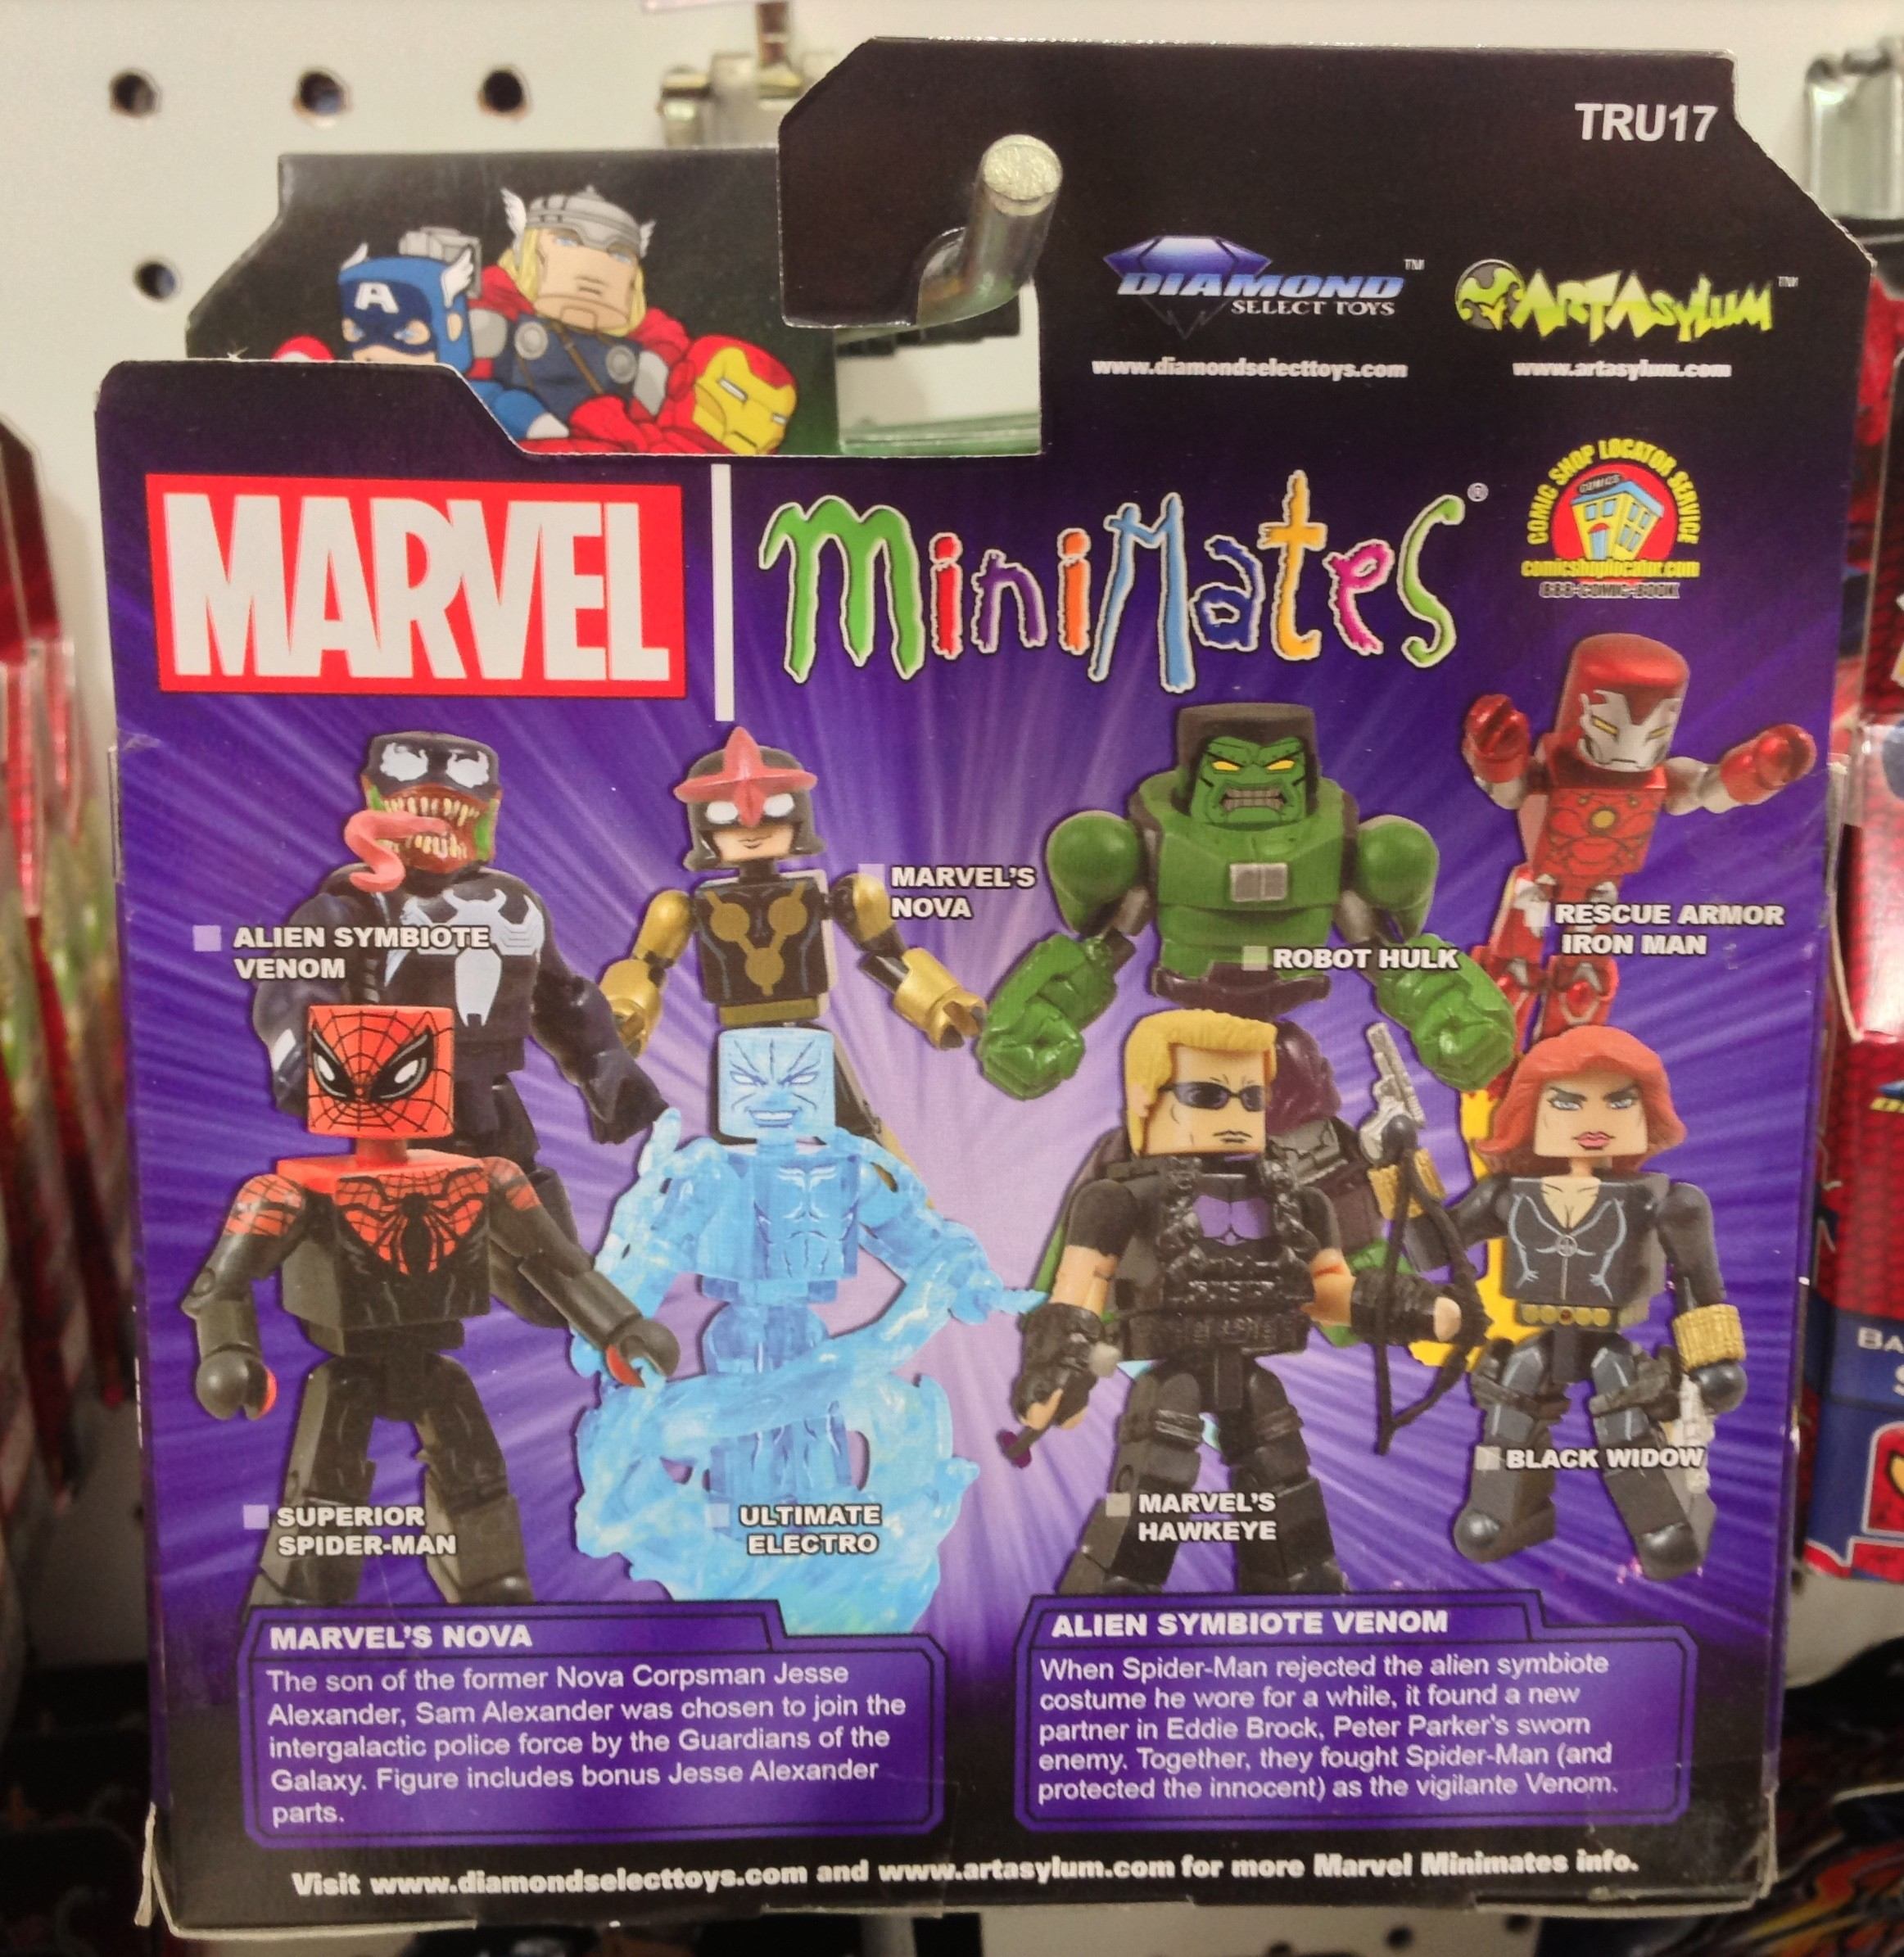 Marvel Toys R Us : Toys r us marvel minimates series released photos